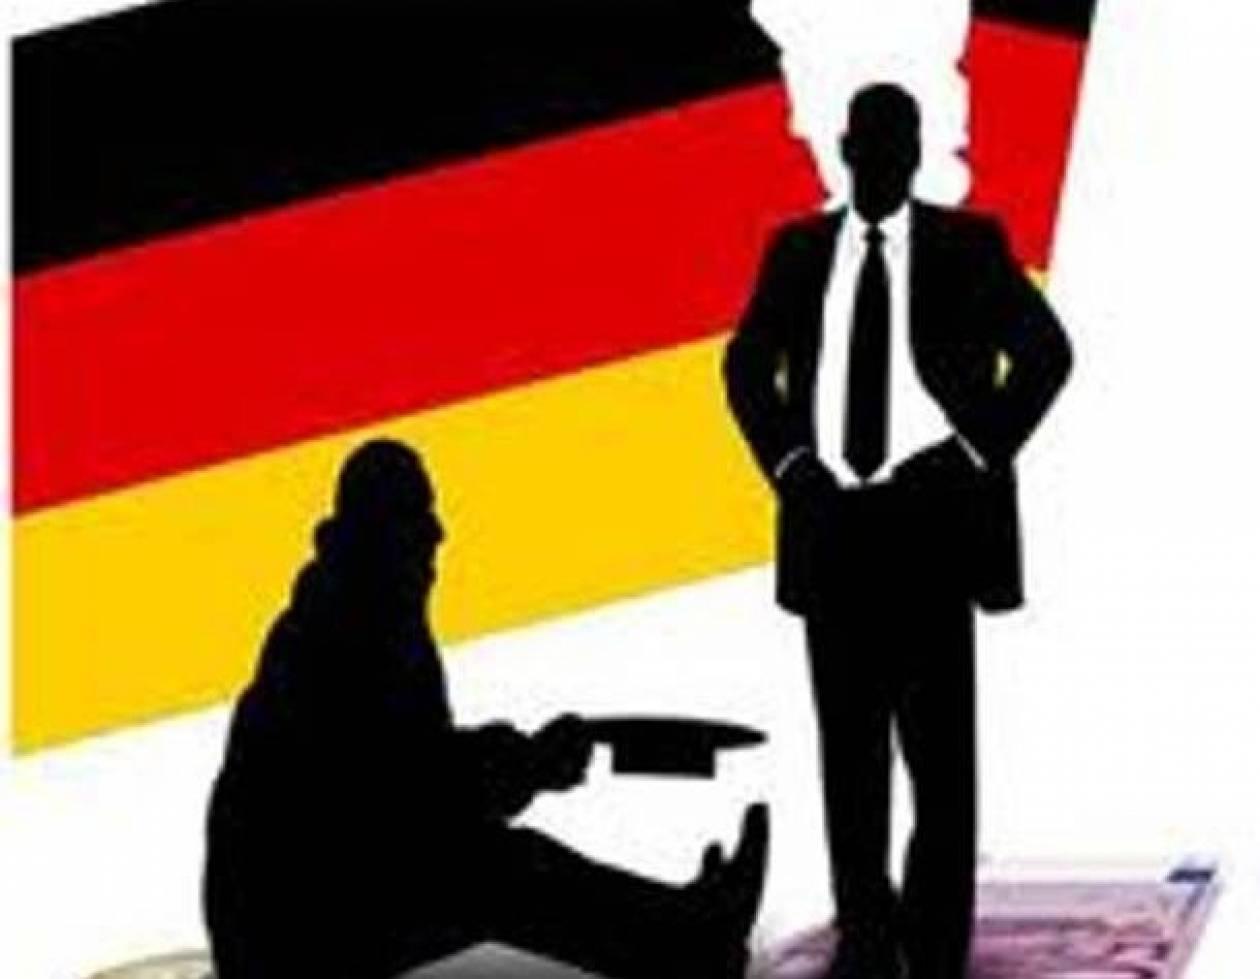 Στη Γερμανία γίνεται η πιο άνιση κατανομή πλούτου στην ευρωζώνη